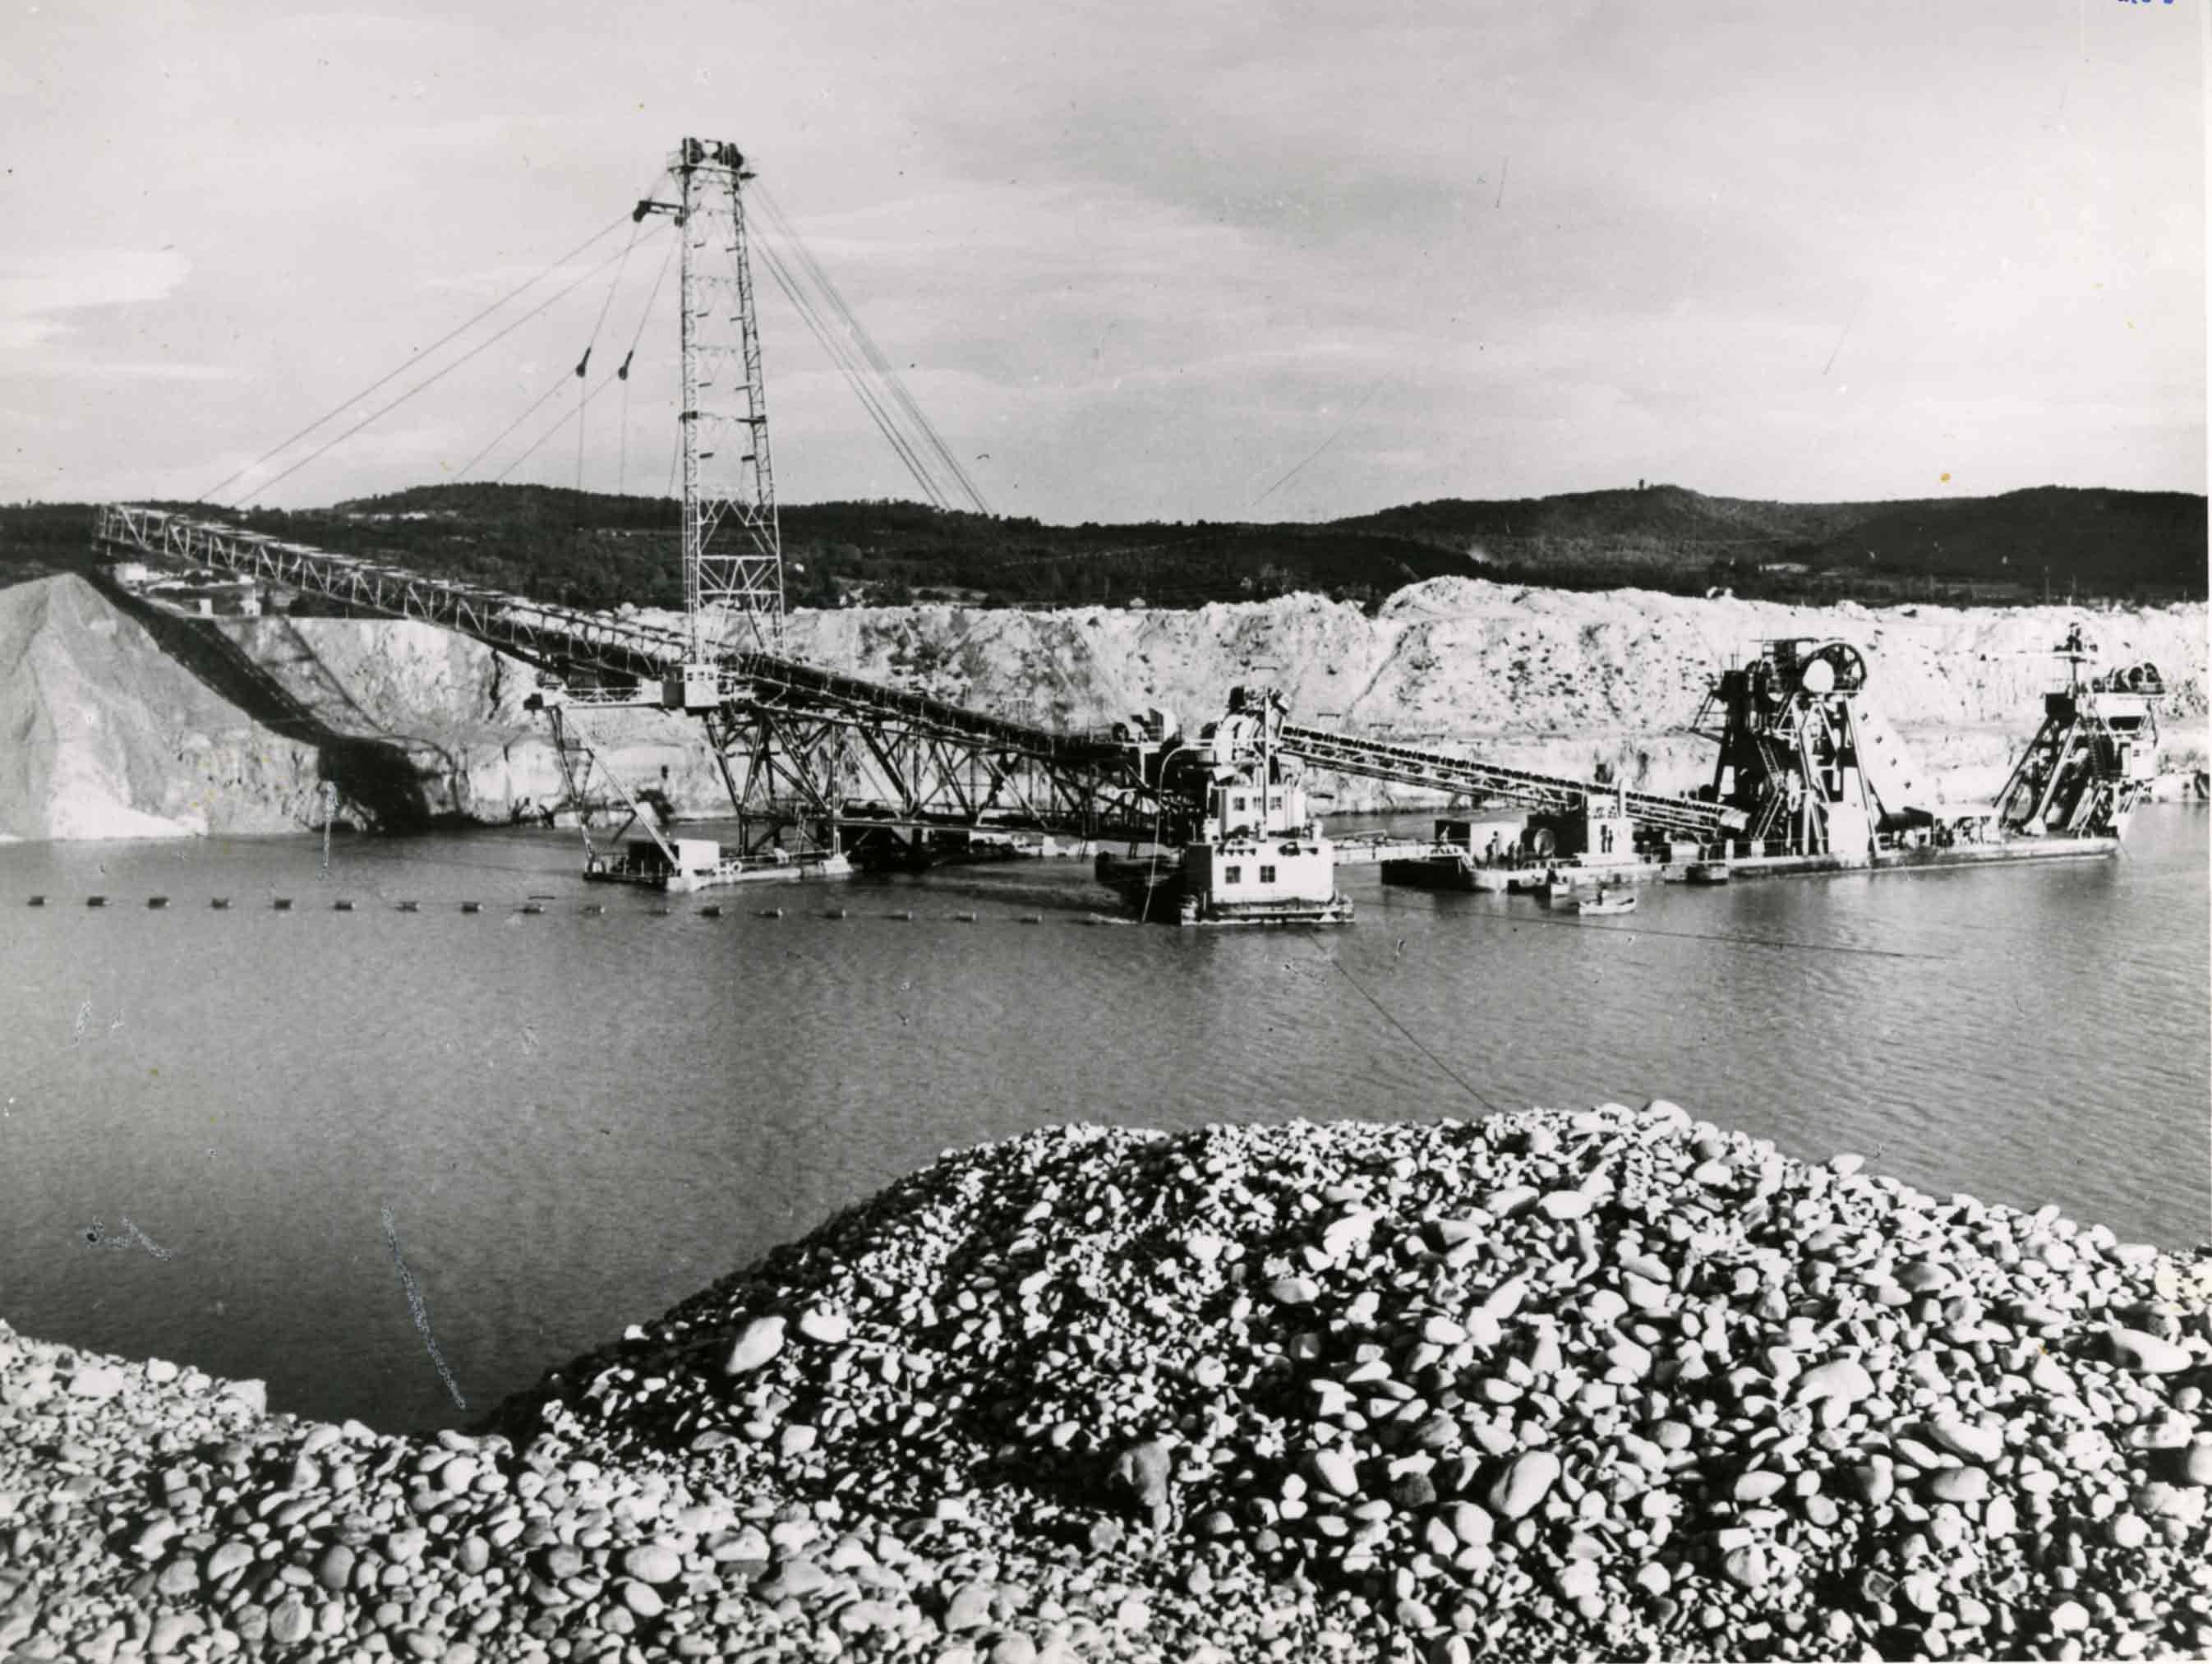 Bnr. 916: Estaque (1948)